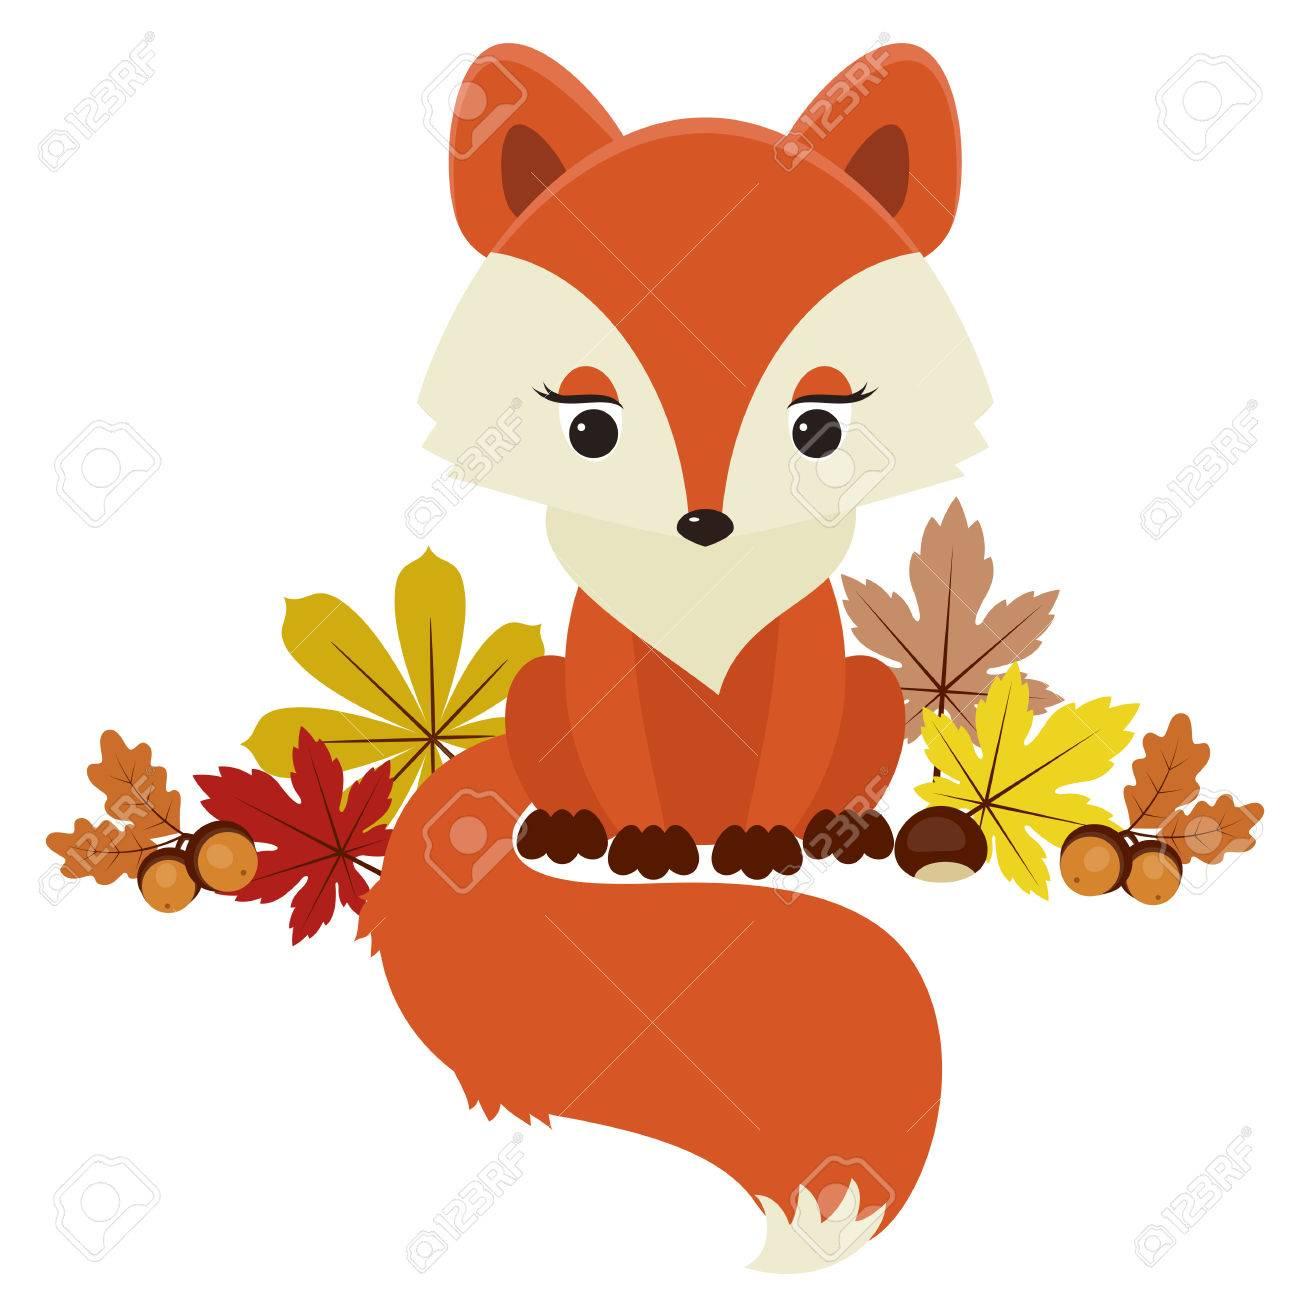 Fox Neben Herbst Herbst Blätter Eicheln Und Kastanien Vektor